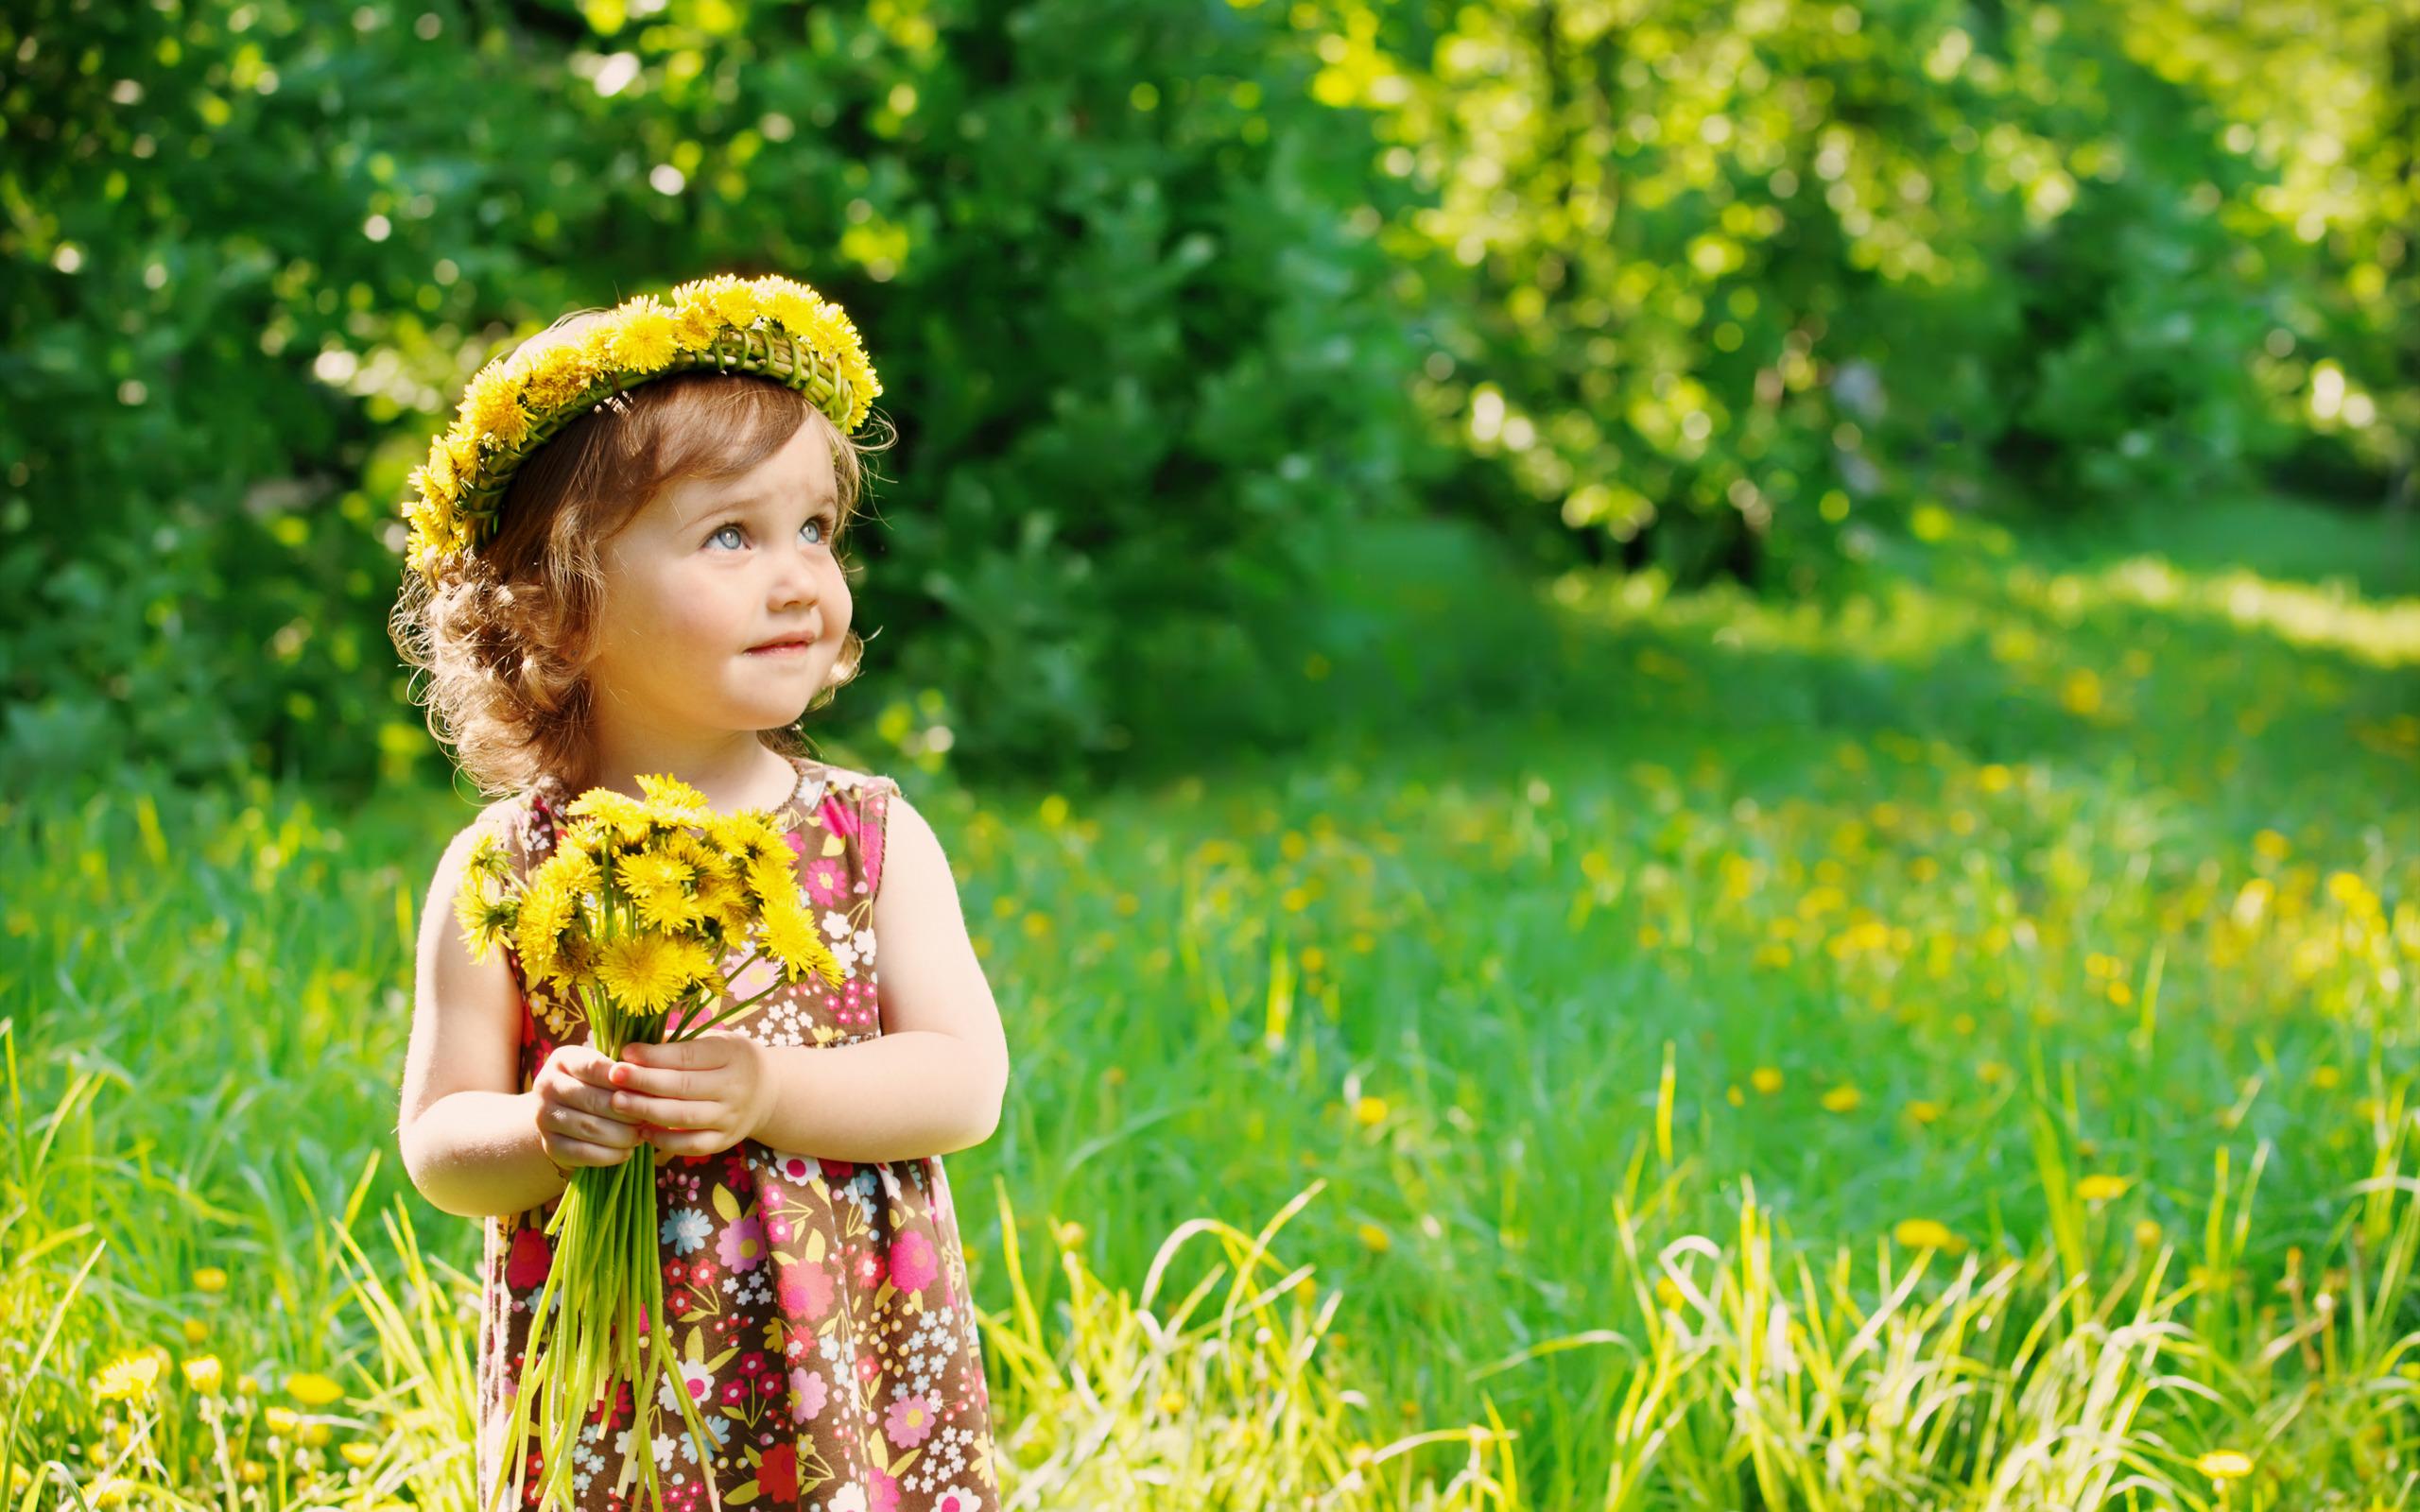 Лучшие идеи для летних фото детей